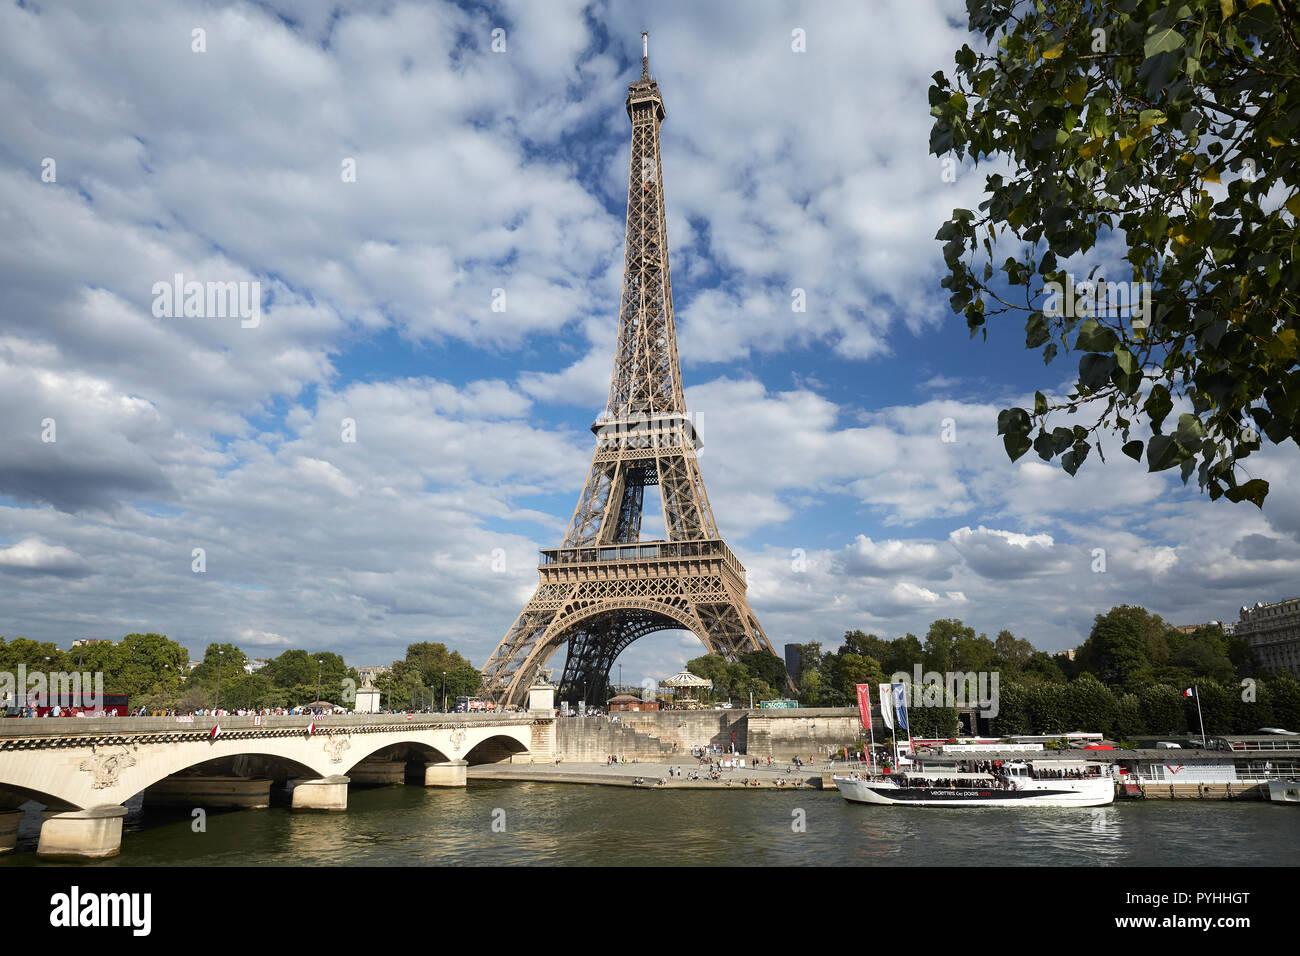 Paris Ile De France Frankreich Blick Uber Die Seine Auf Den Eiffelturm Tour Eiffel Die Wichtigsten Sehenswurdigkeiten Der Franzosischen Hauptstadt Stockfotografie Alamy